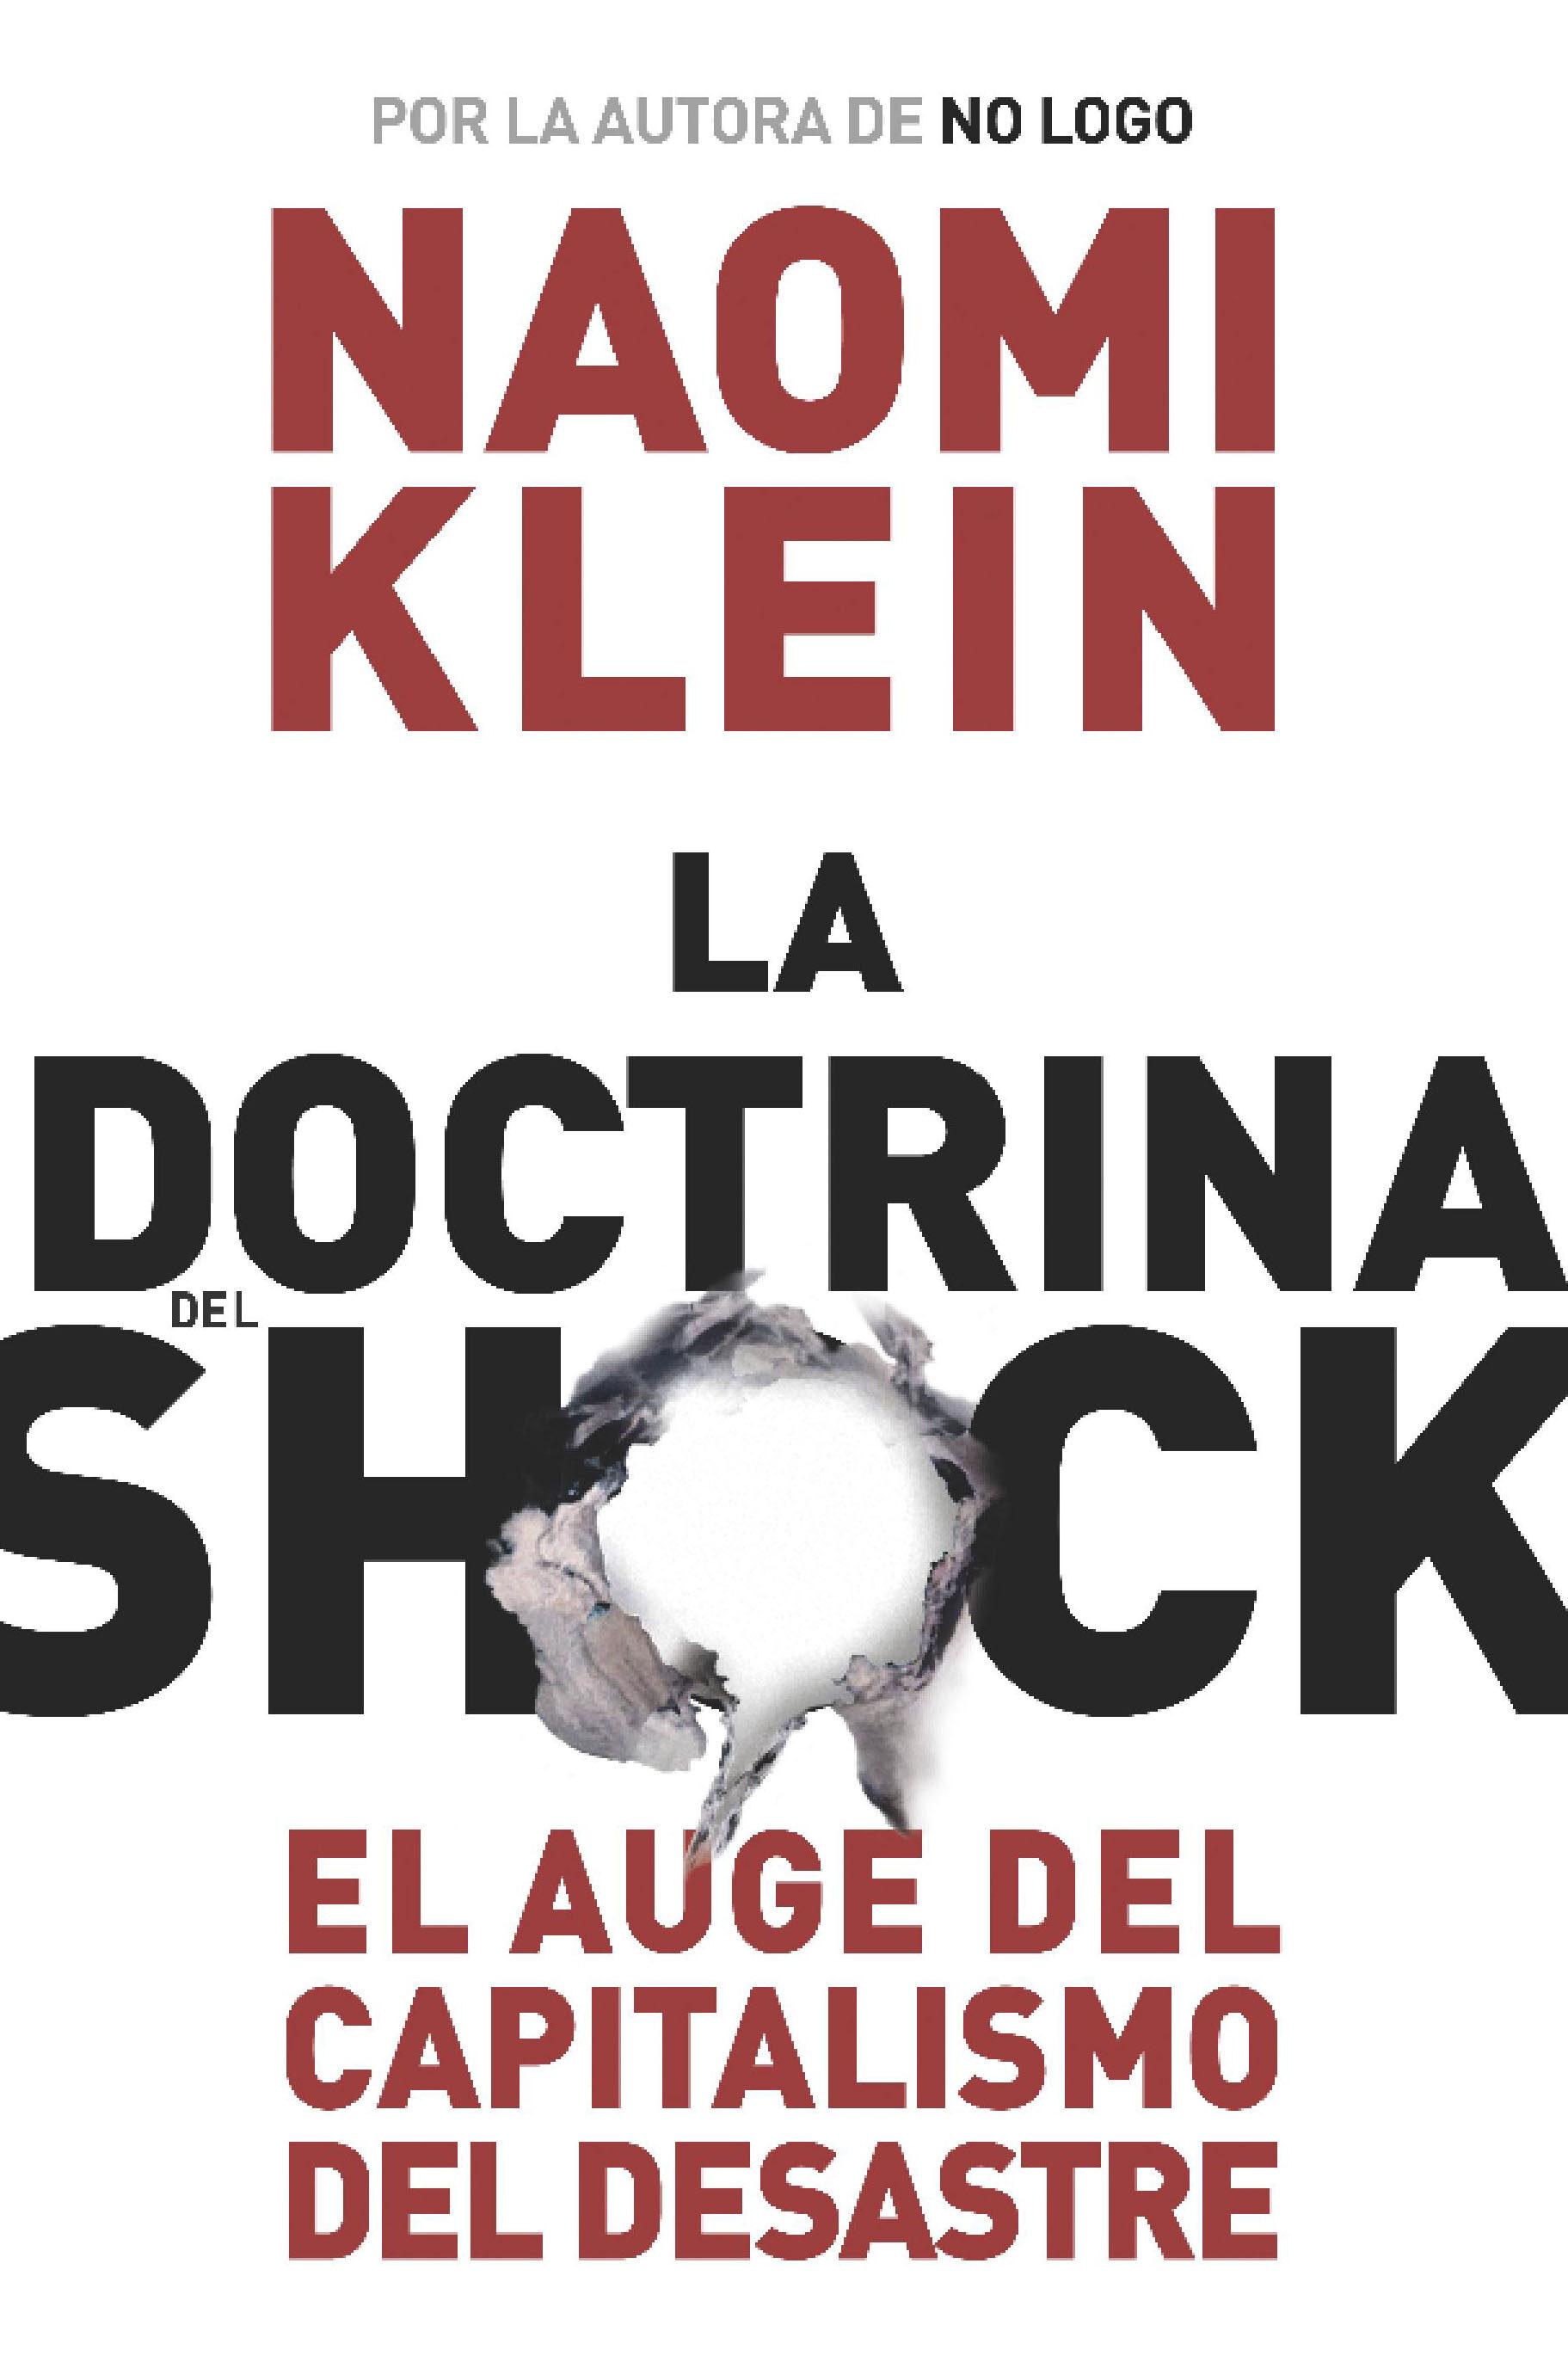 Portada del libro La Doctrina del Shock de Naomi Klein: Lee un resumen de este y otros libros suyos aquí.